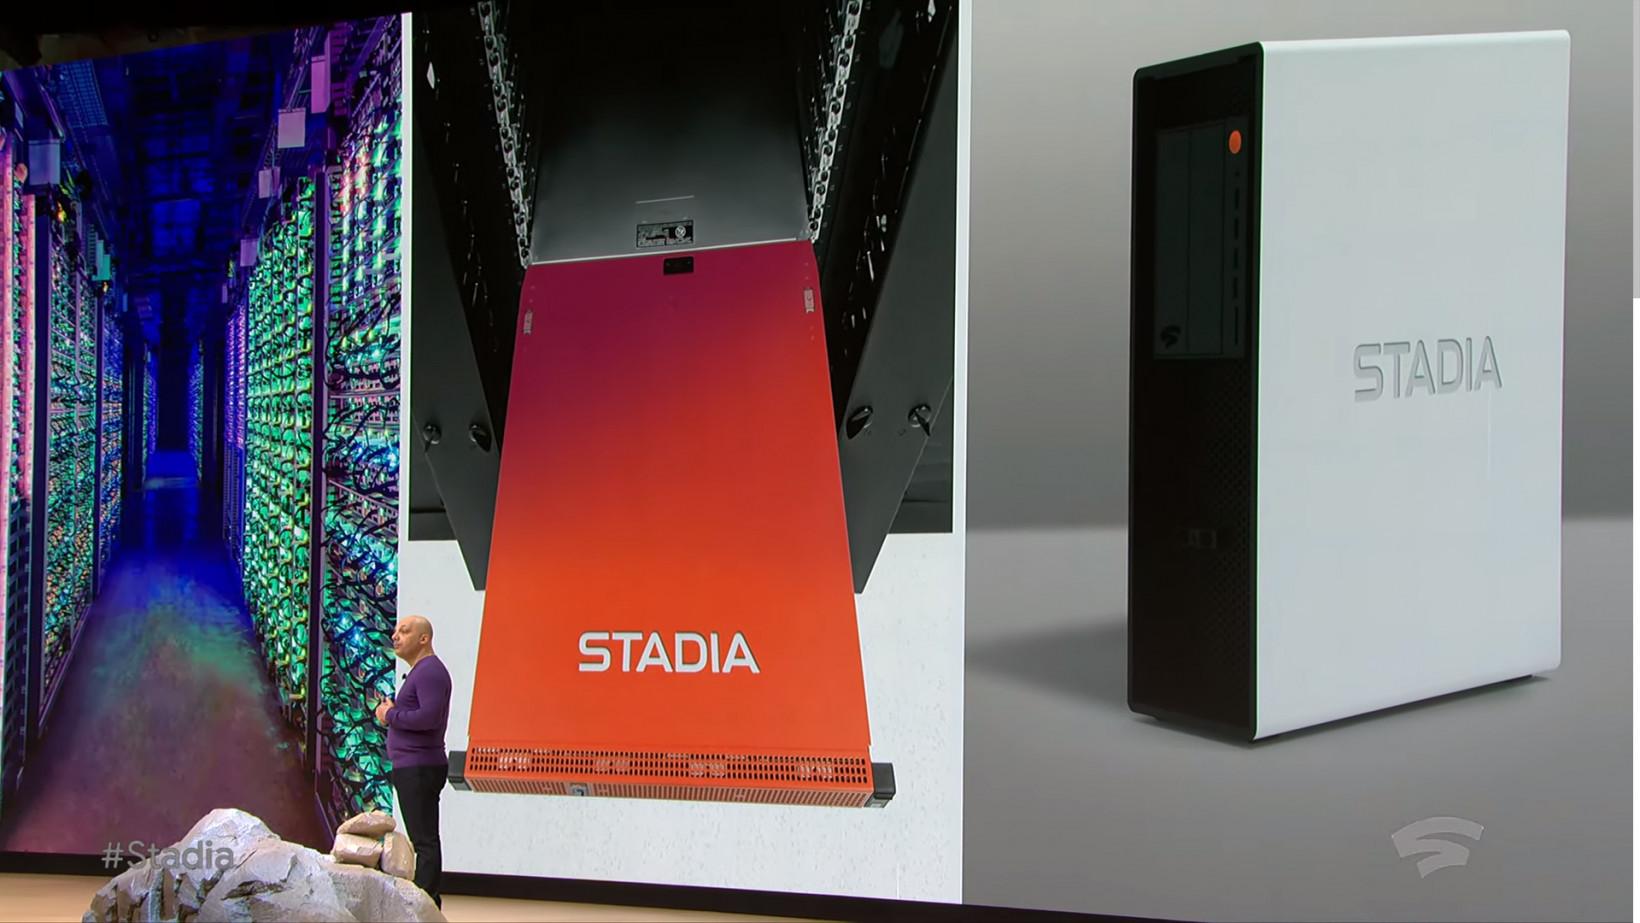 Google dice que el hardware del servidor Stadia es más poderoso que un PS4 Pro y un Xbox One X combinados